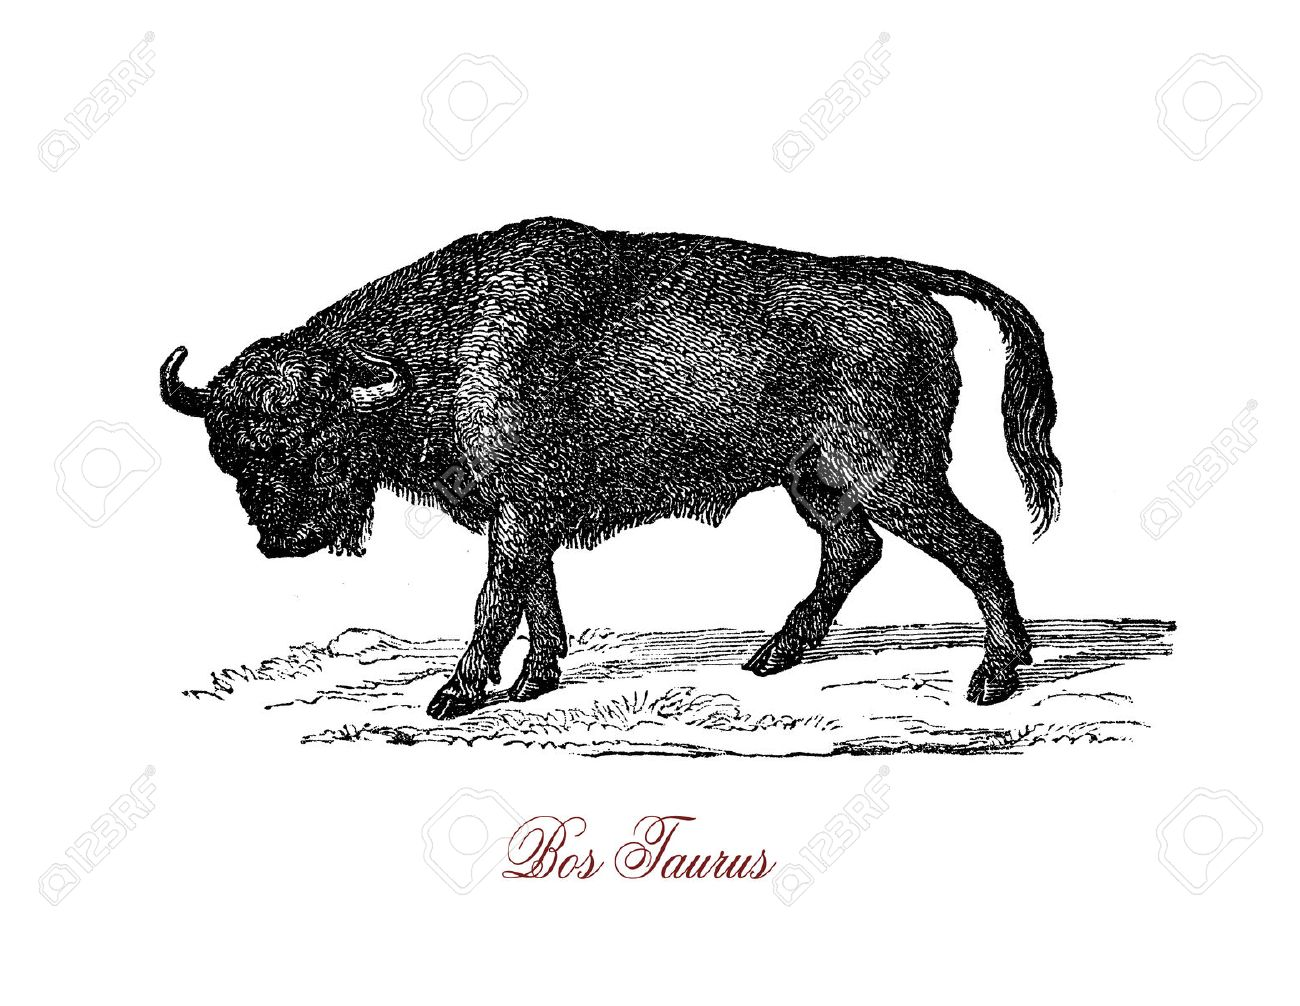 Bull Ist Ein Nicht Kastrierten Männlichen Erwachsenen Kuh Aggressiv ...